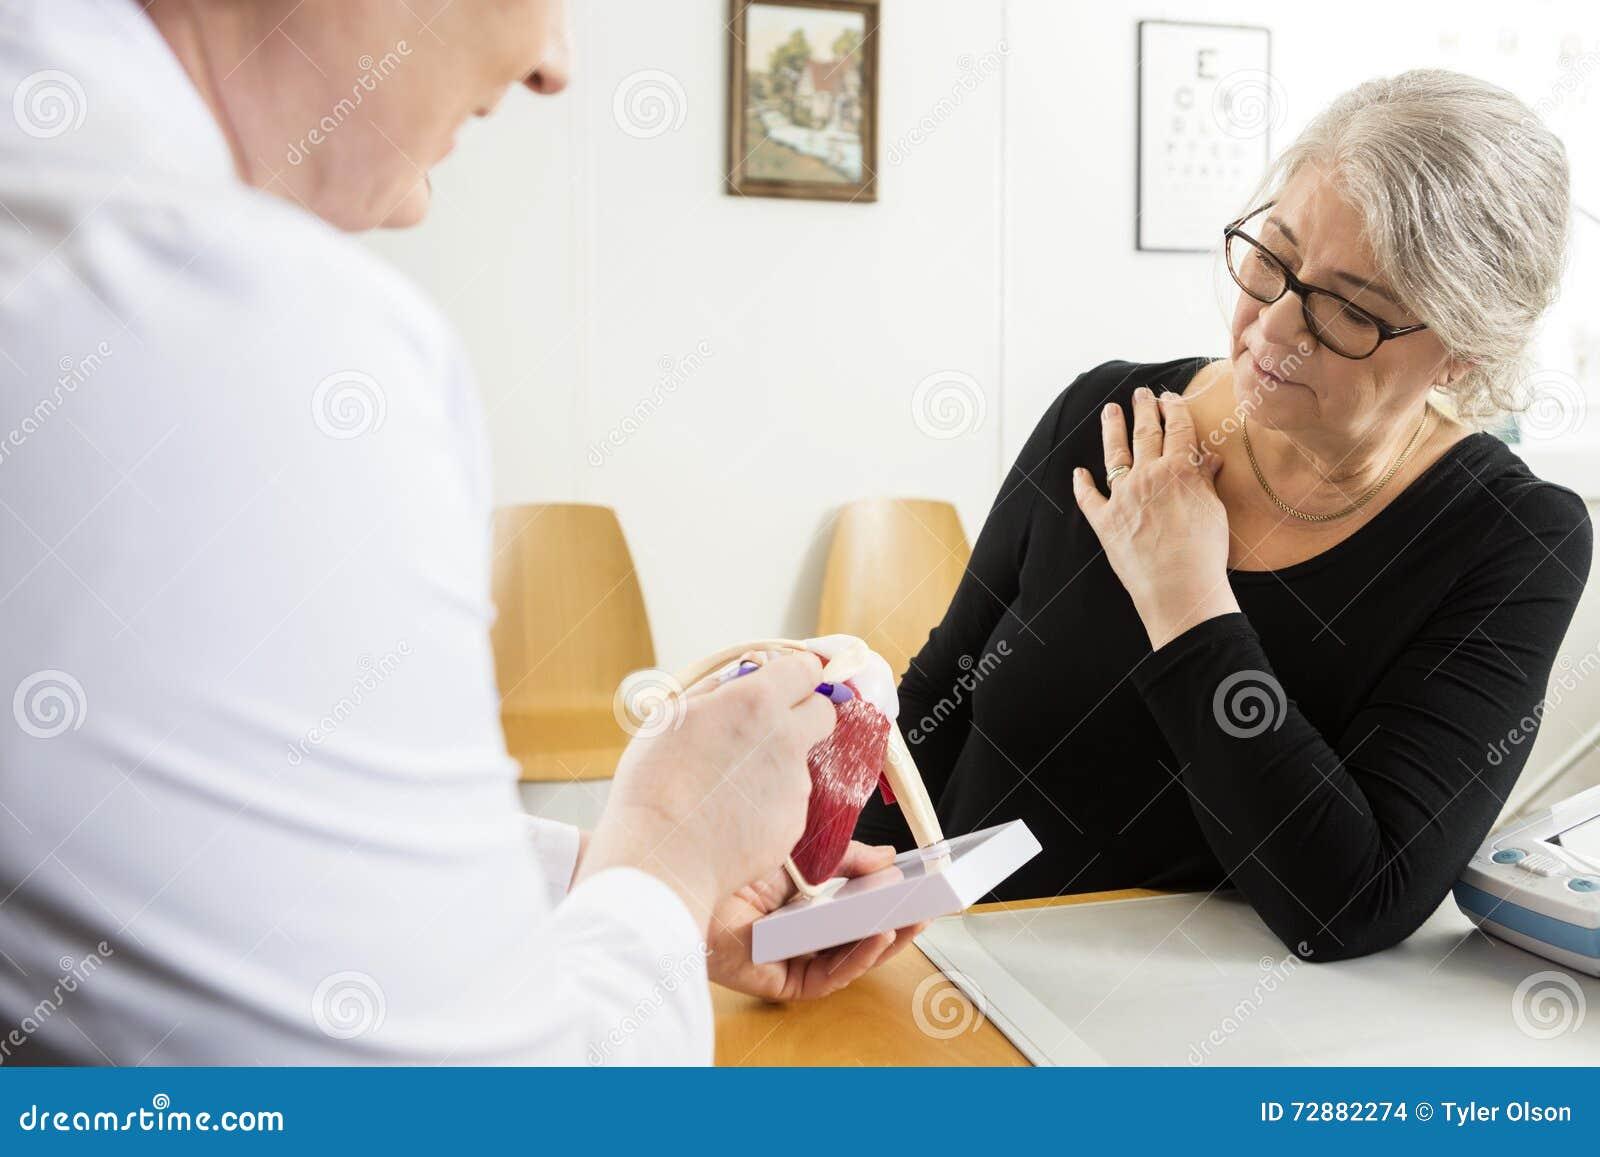 Modelo To Senior Woman do punho do doutor Explaining Shoulder Rotator